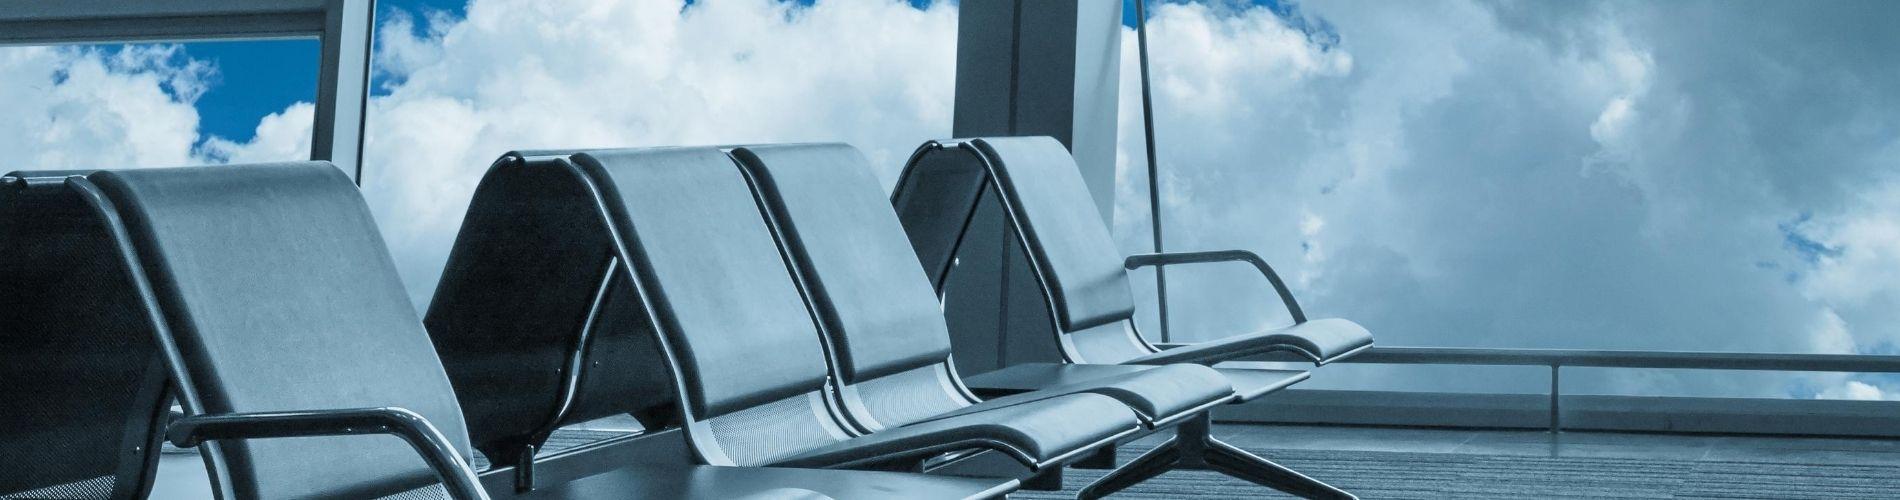 Airline blog banner